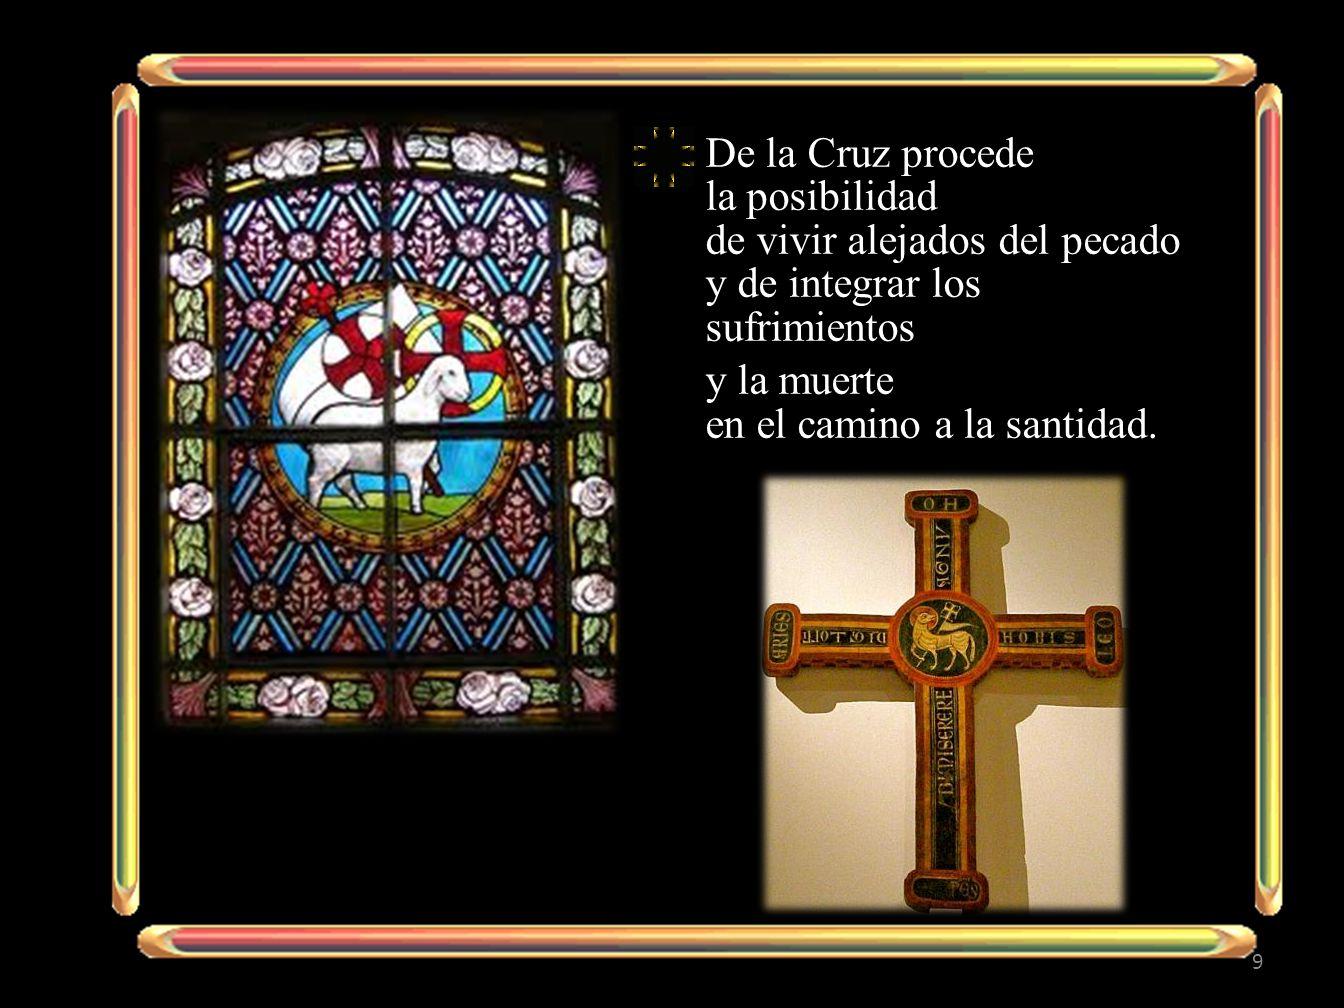 De la Cruz procede la posibilidad de vivir alejados del pecado y de integrar los sufrimientos y la muerte en el camino a la santidad. 9